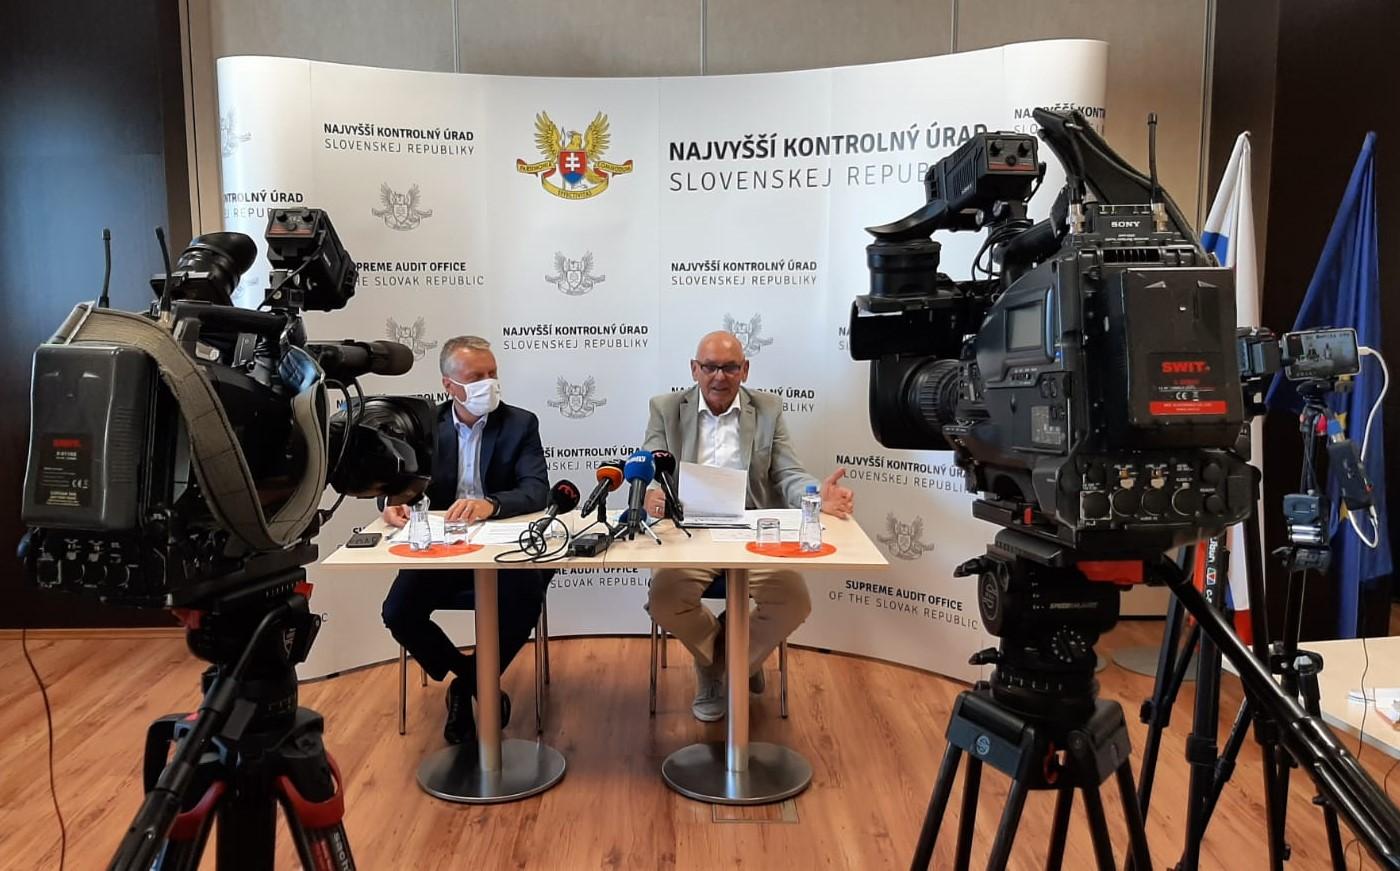 fotografia z tlačovej konferencie - Ľ. Andrassy, K. Mitrík